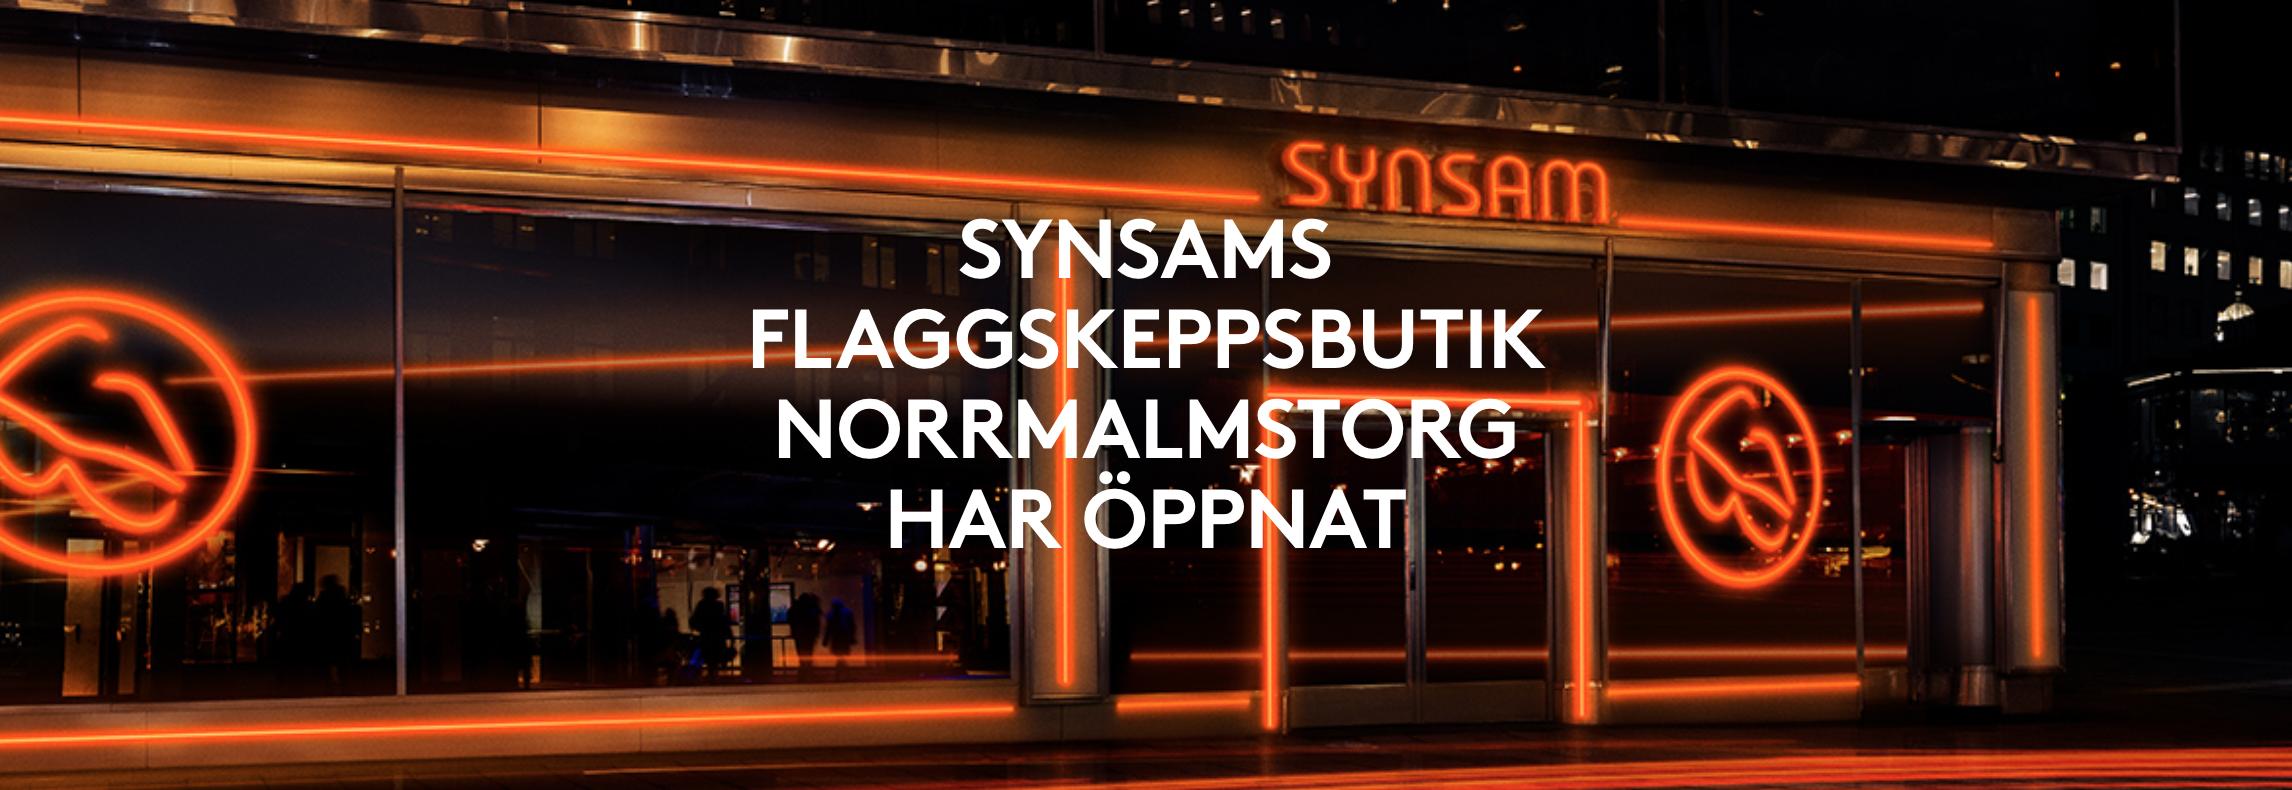 1041d63a419 På en yta av 700 kvm i två plan, tillgodoser Synsam kundens samtliga behov  av ...